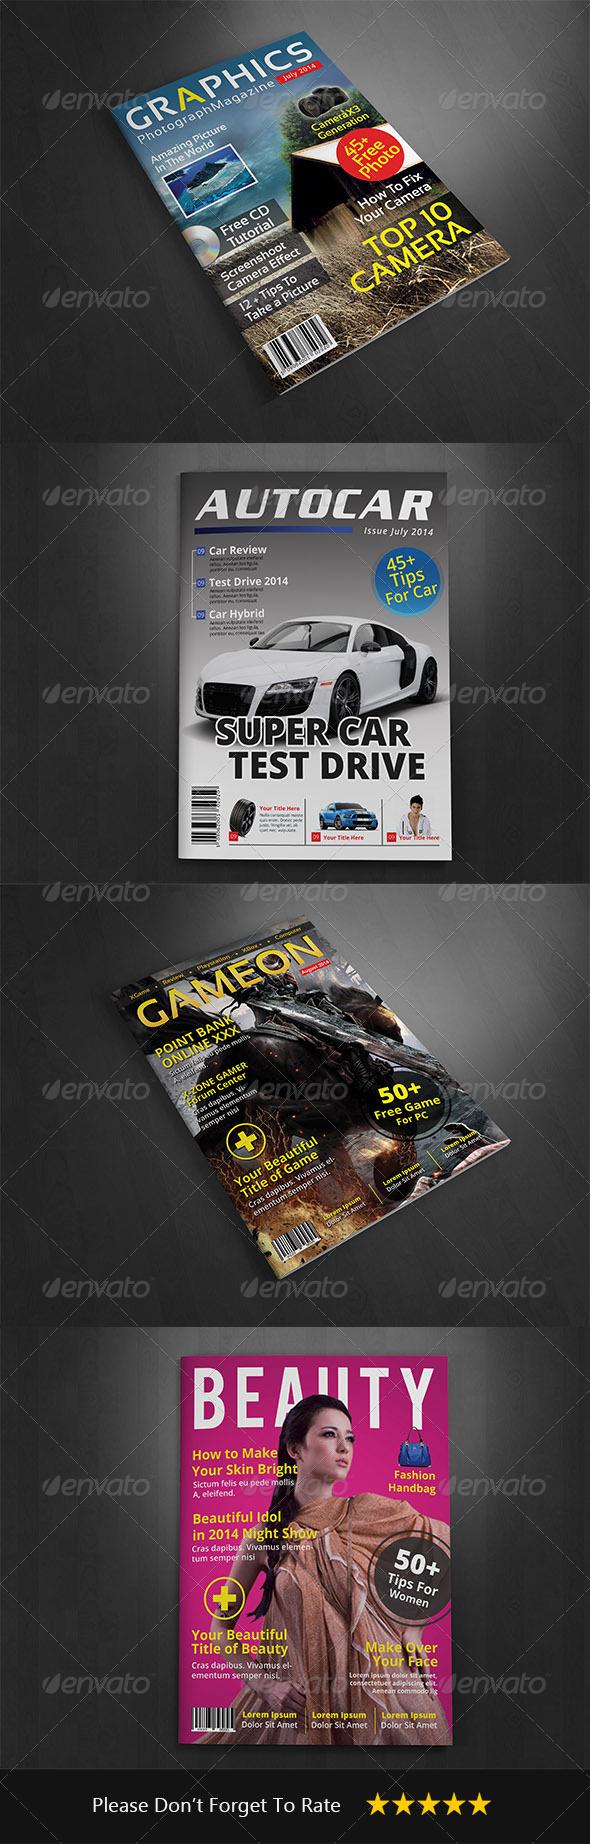 GraphicRiver Magazine Cover Template Vol 3 8631463